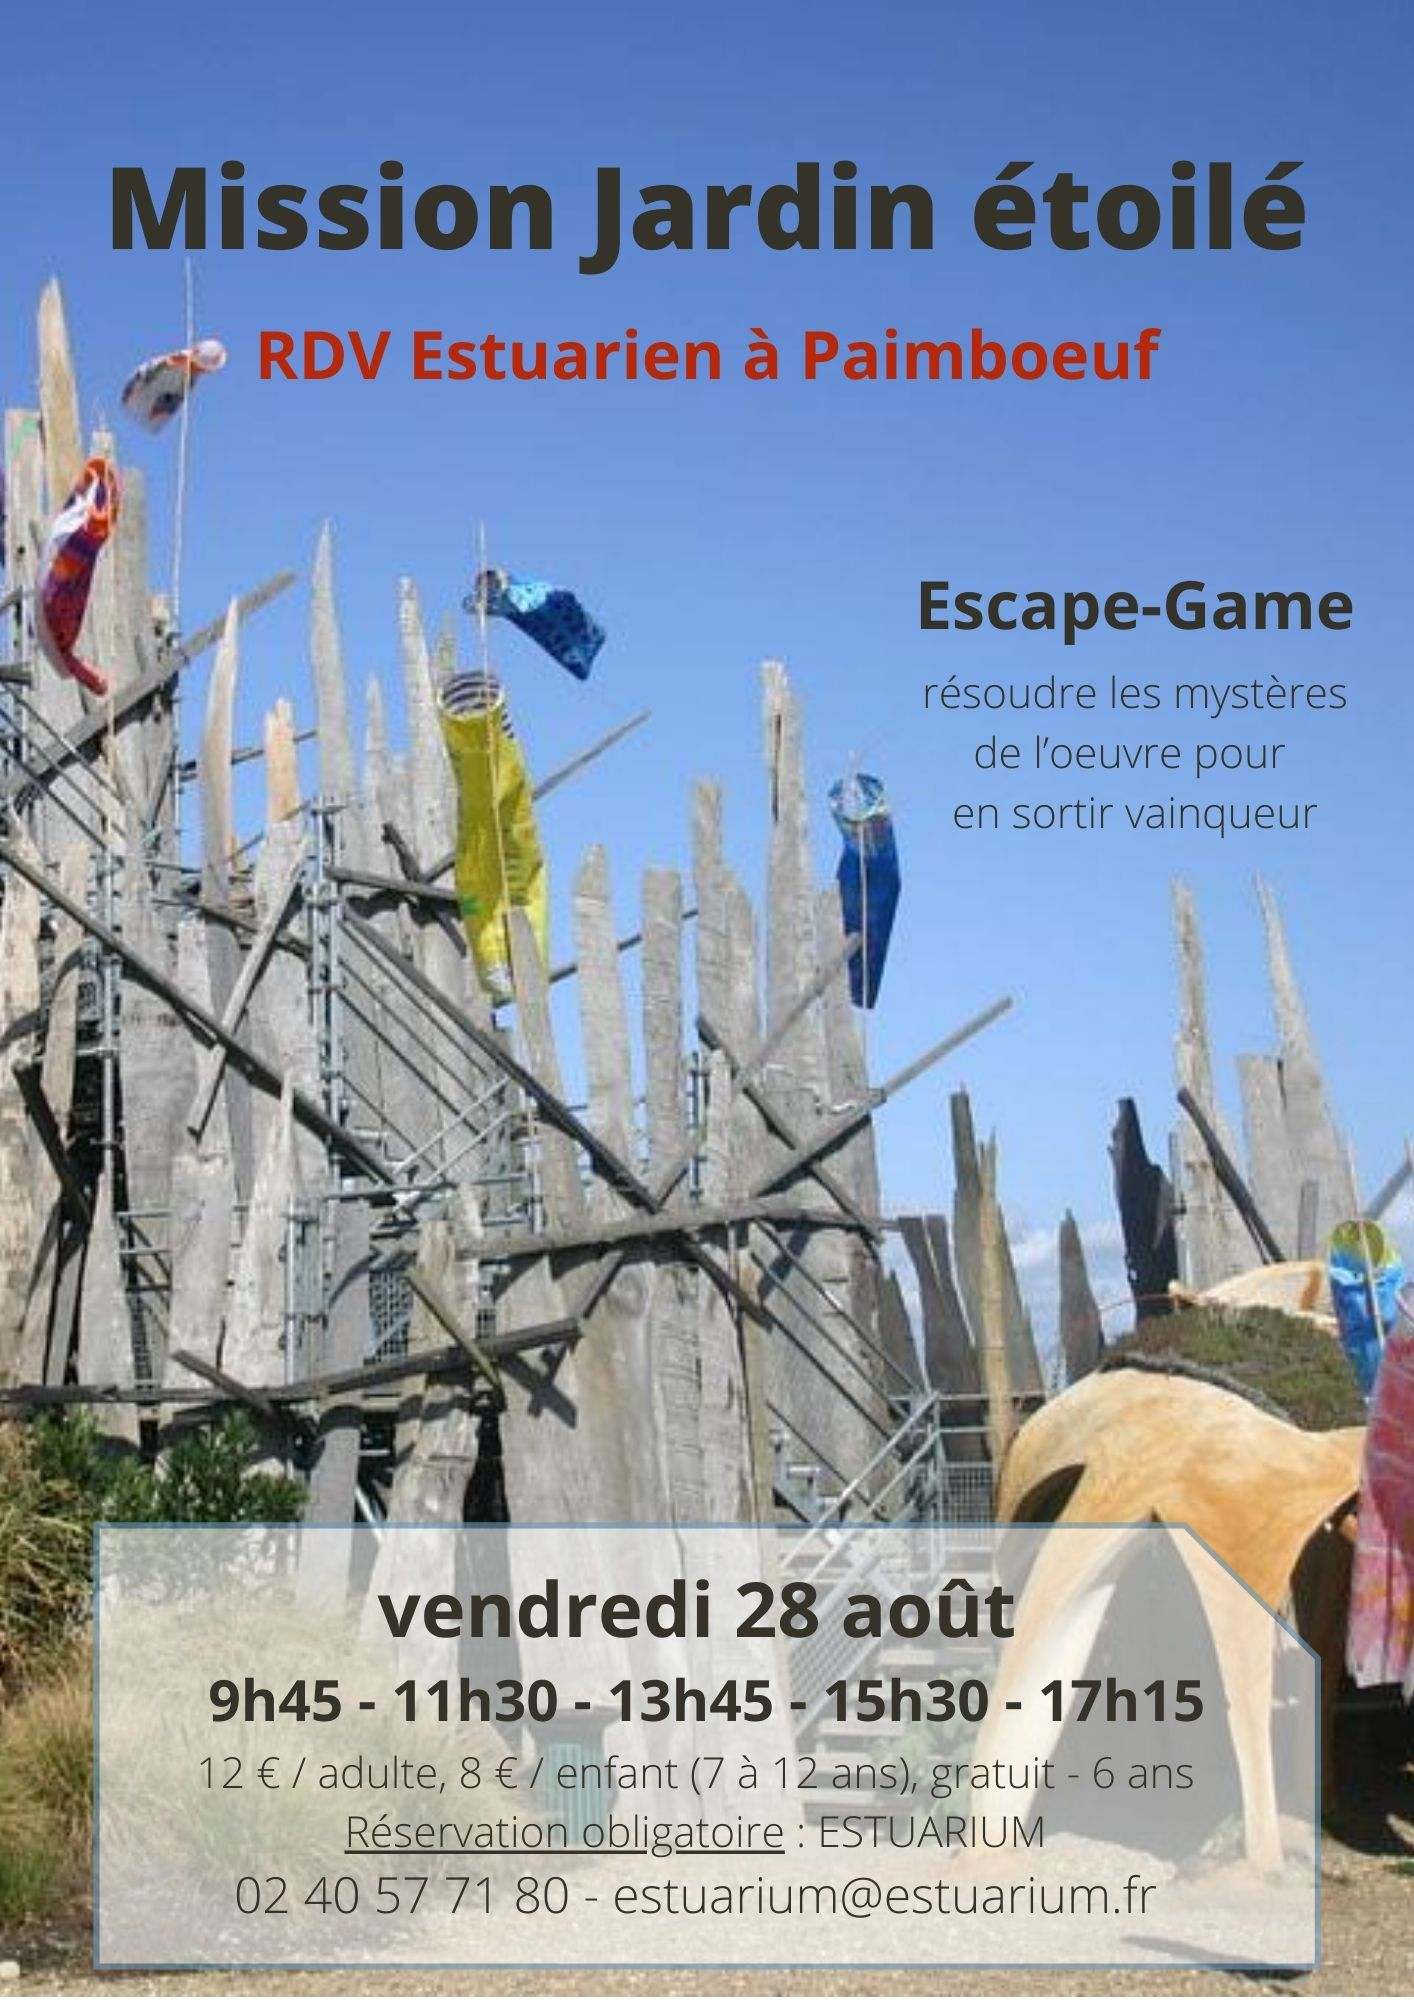 Escape Game : Mission Jardin étoilé Vendredi 28 août 2020